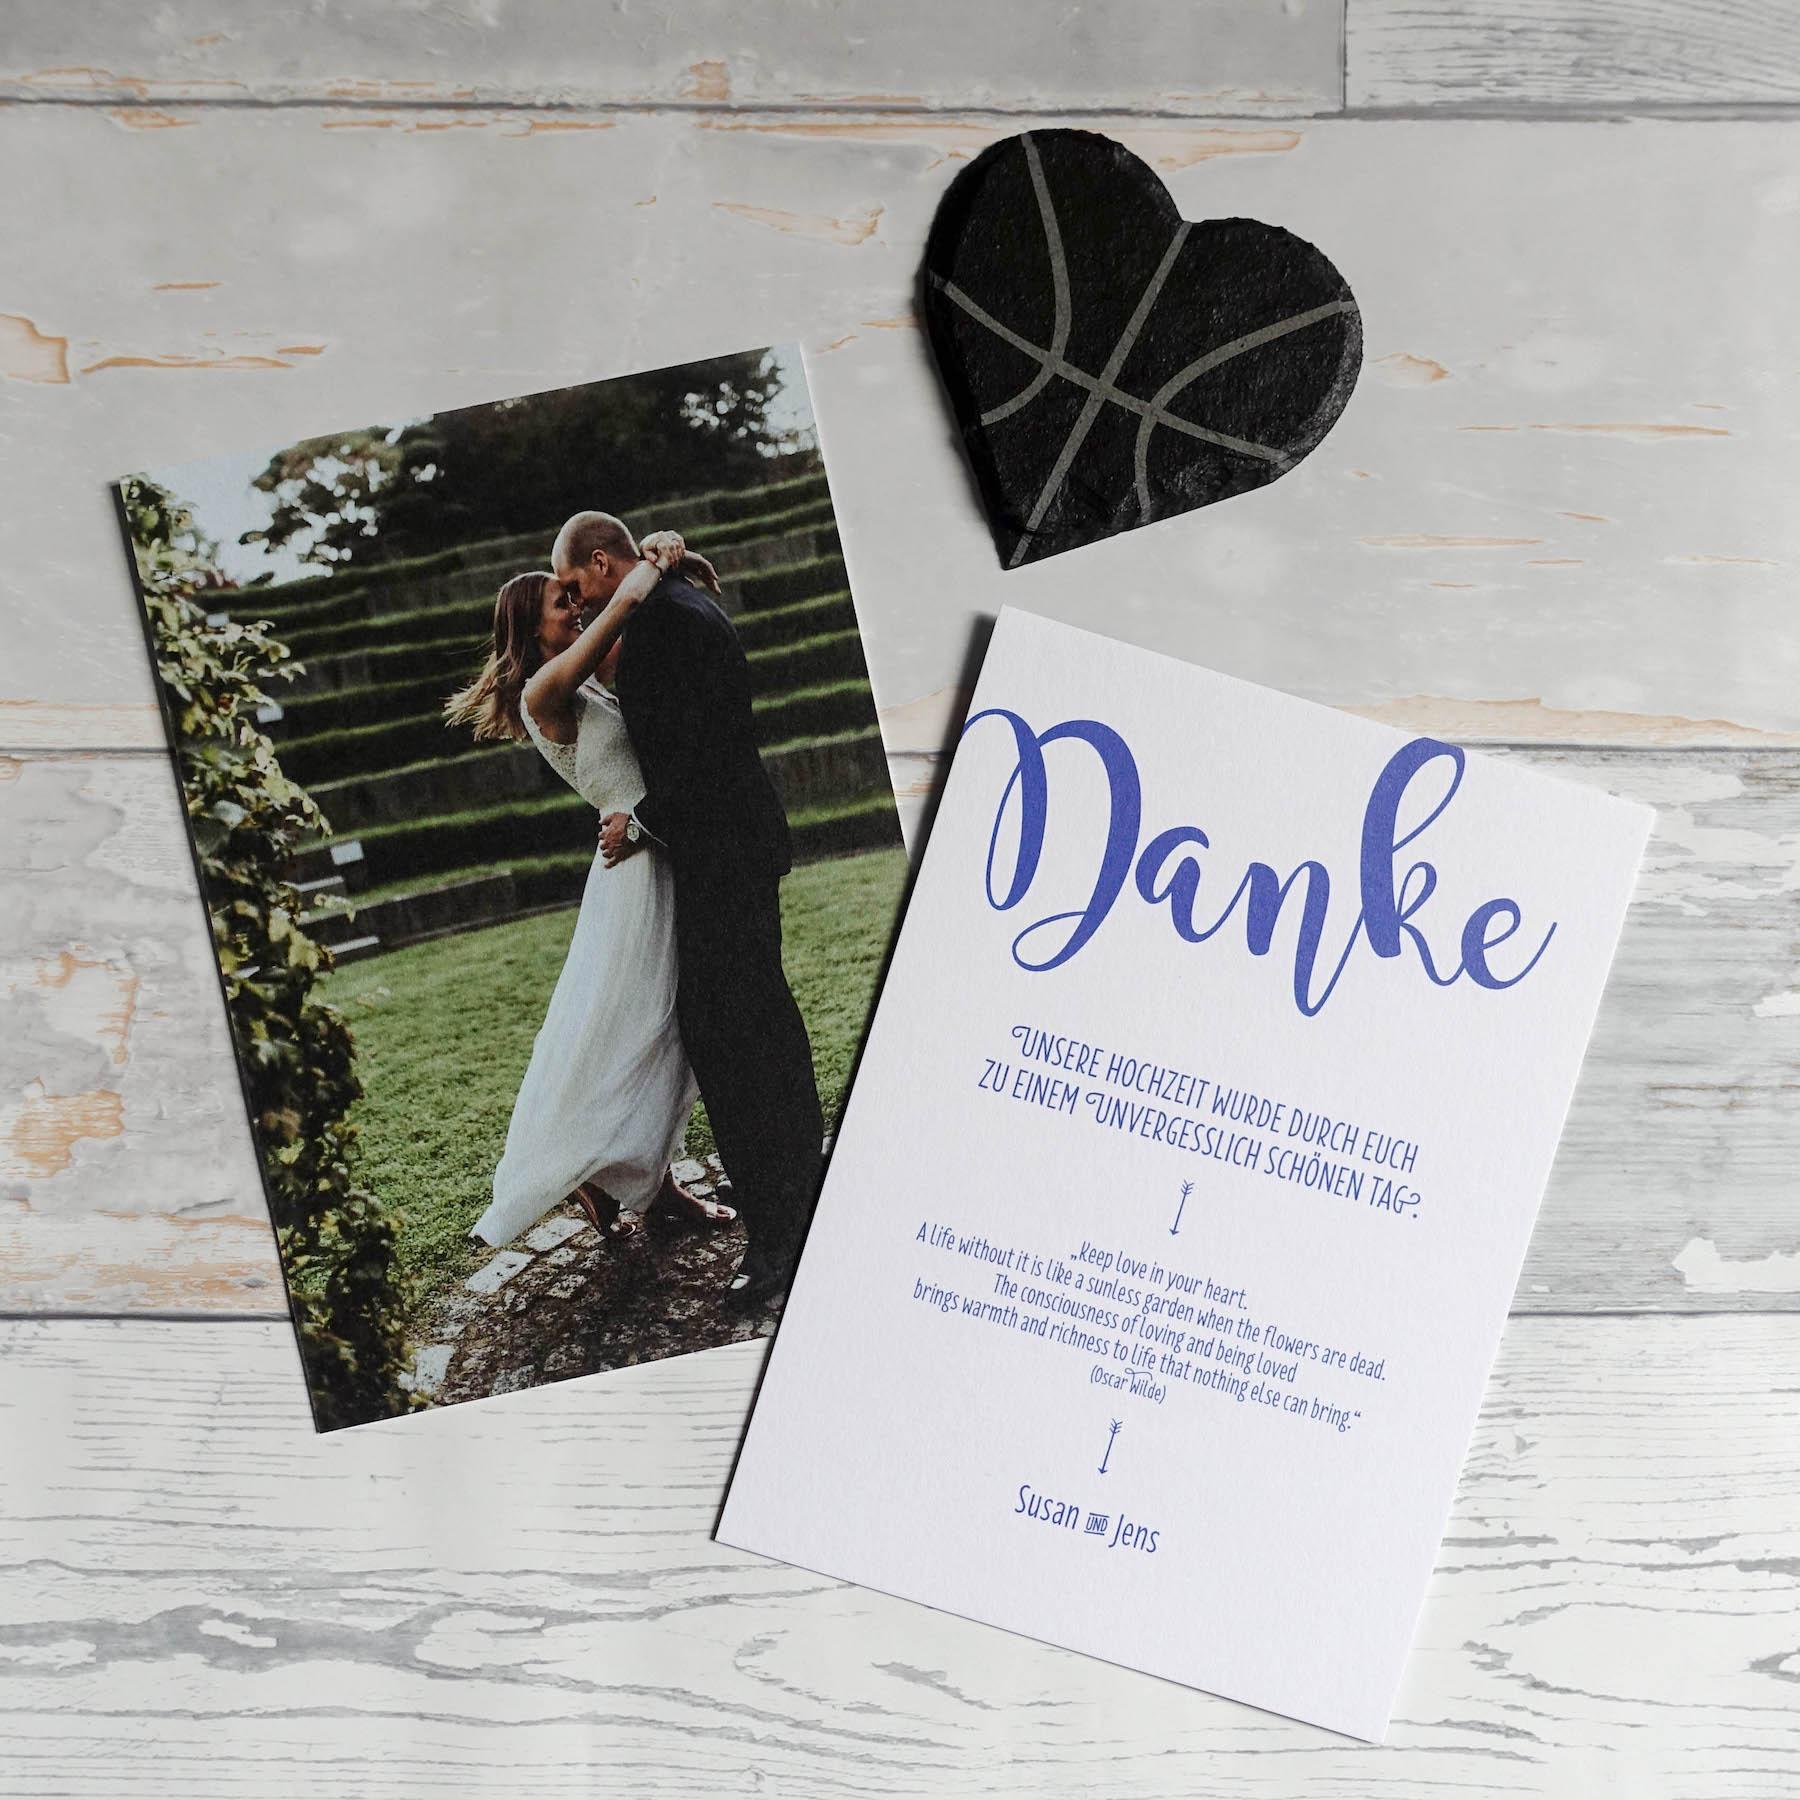 Hochzeits dankeskarten suelovesnyc susan fengler blog hamburg hochzeits dankeskarten hochzeit